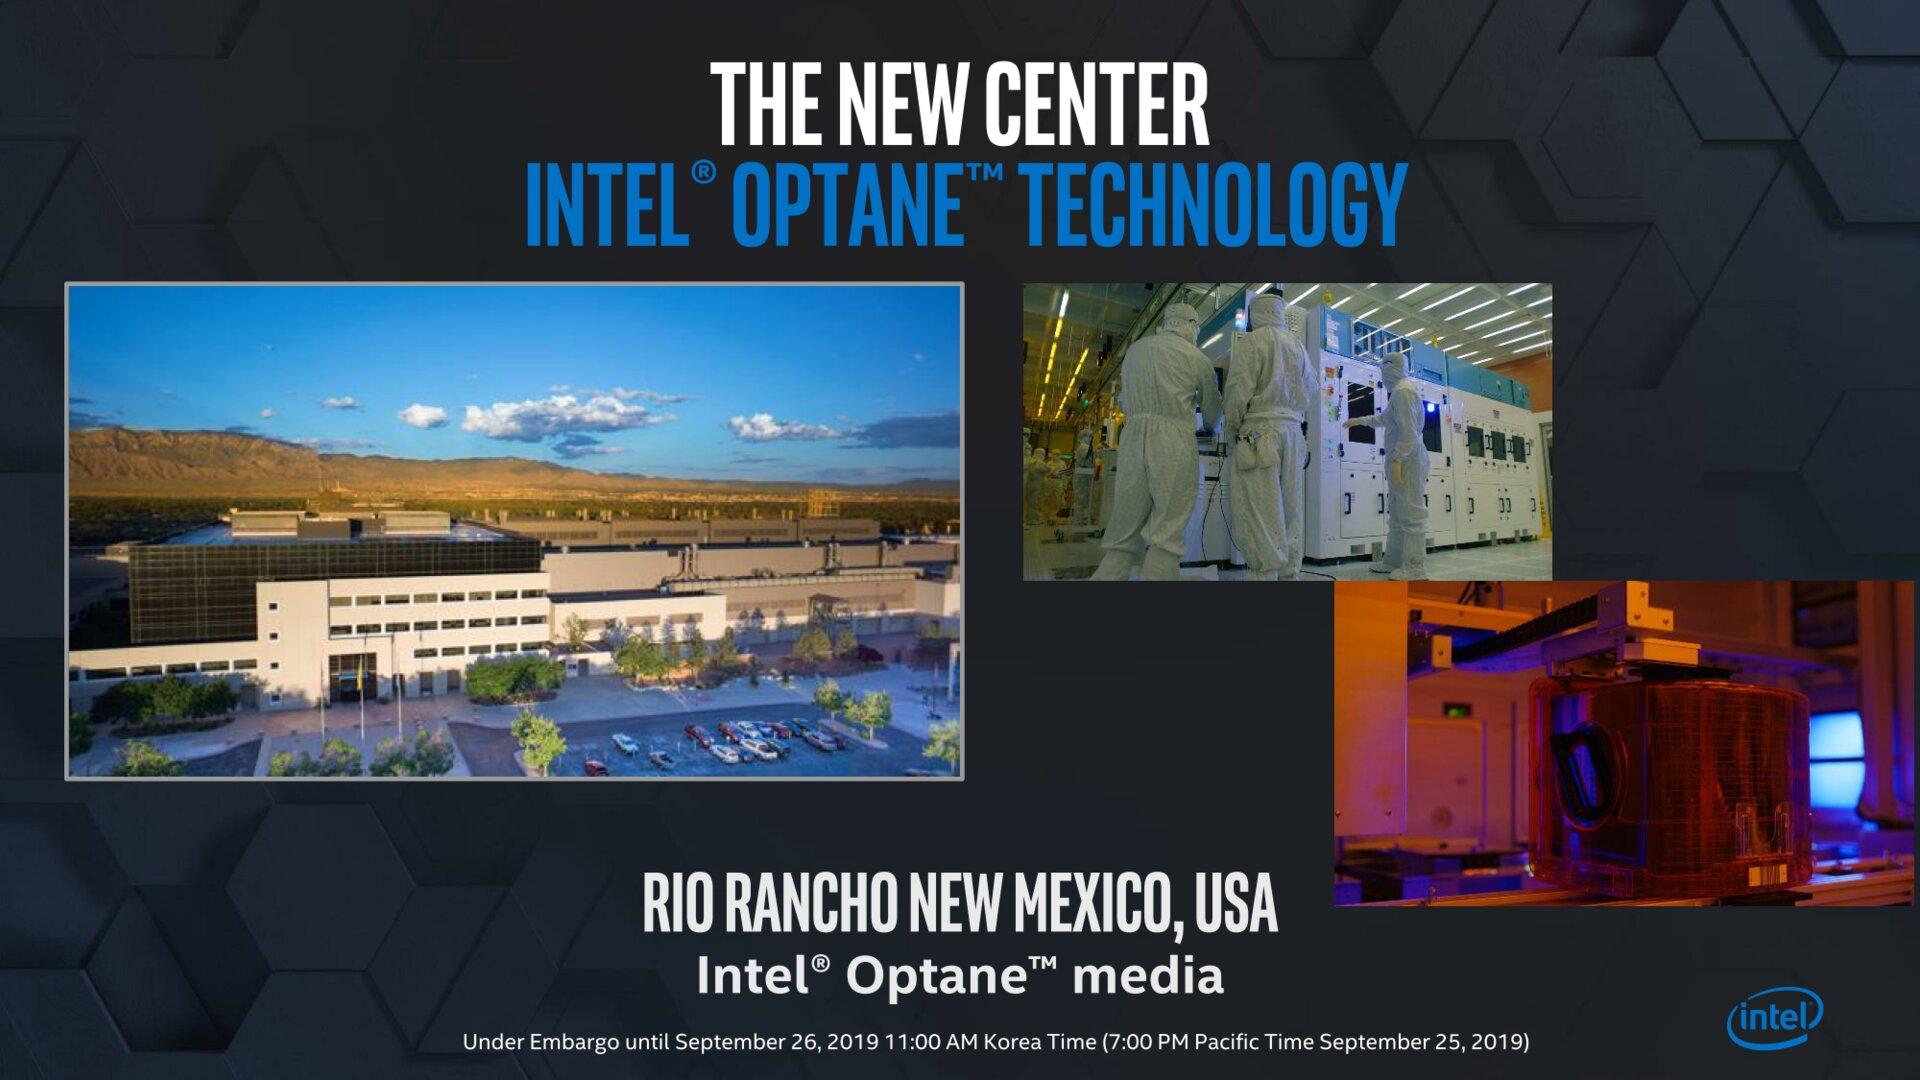 Intel forscht an 3D XPoint in Rio Rancho, New Mexico